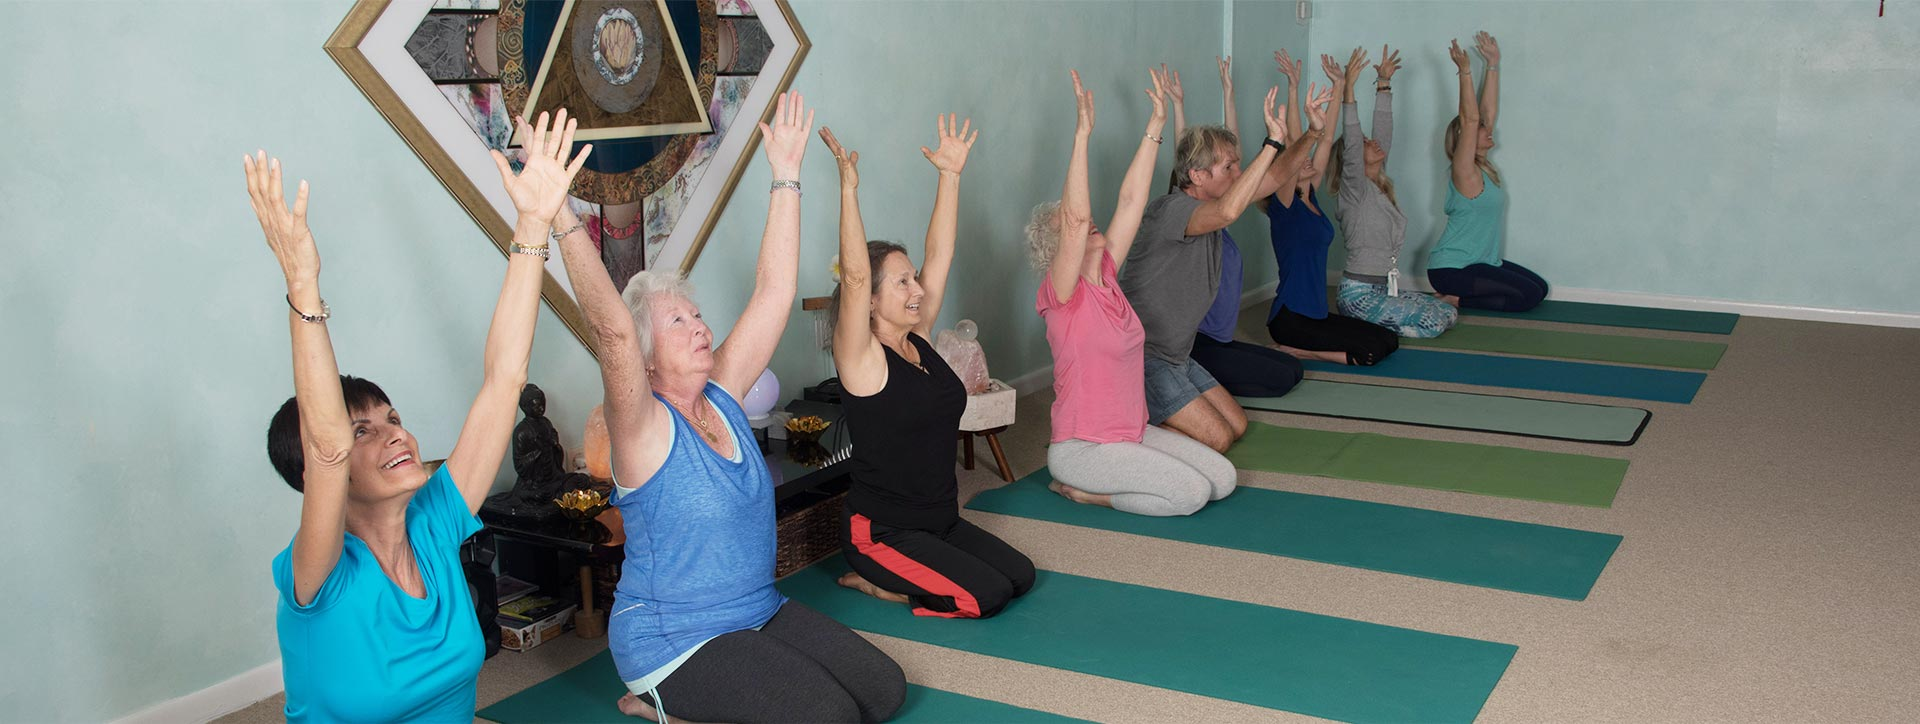 YogaCenterDeerfield_Banner3